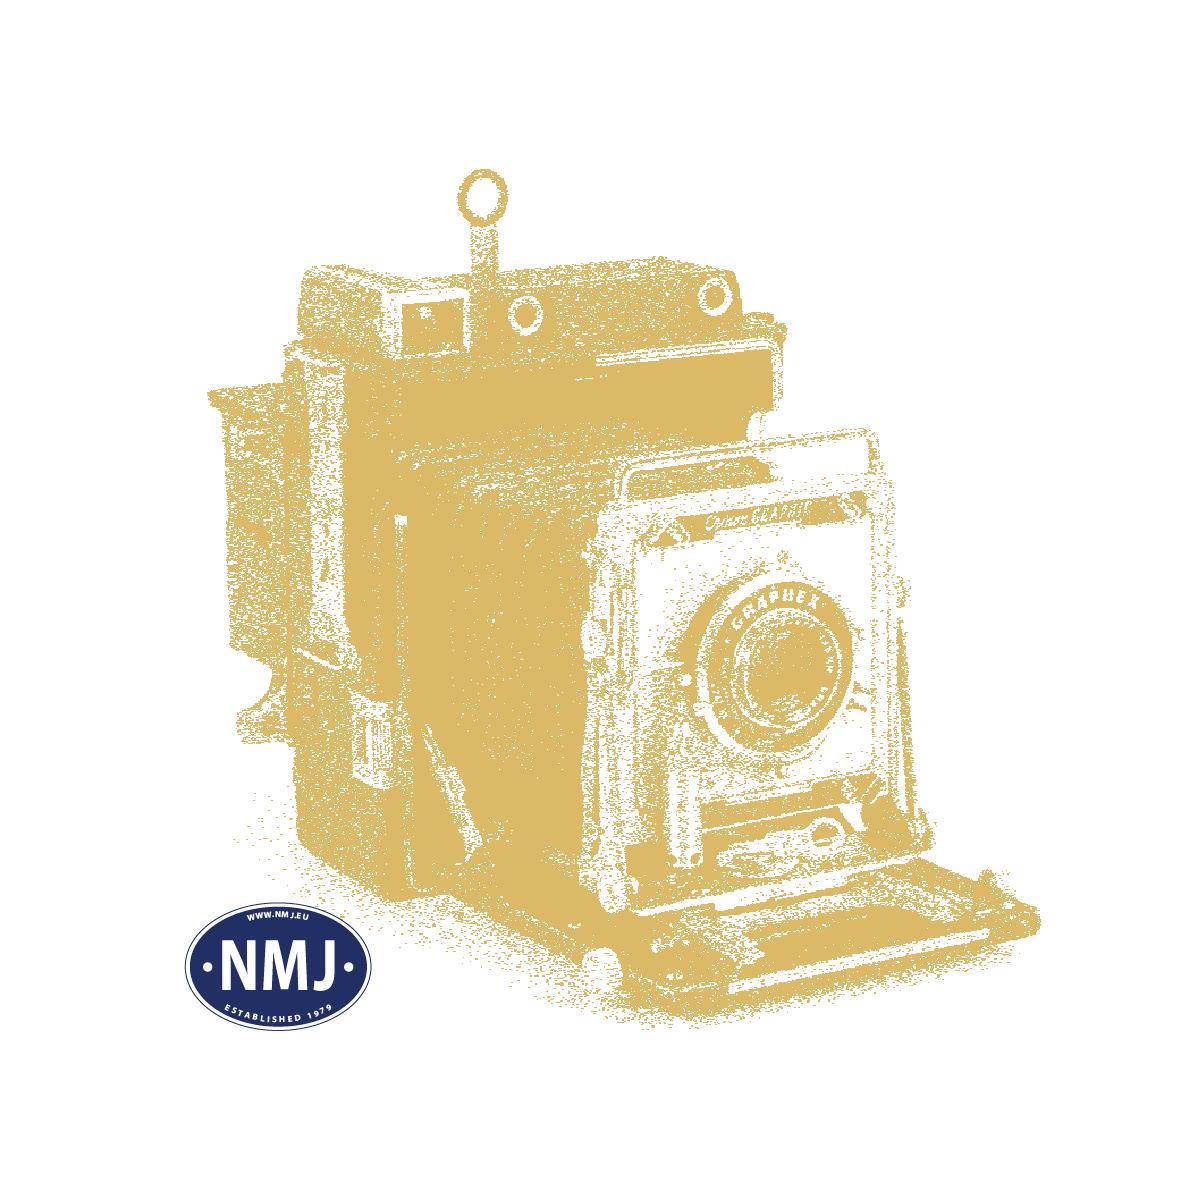 NMJ Superline NSB Stakevogn T3 6591